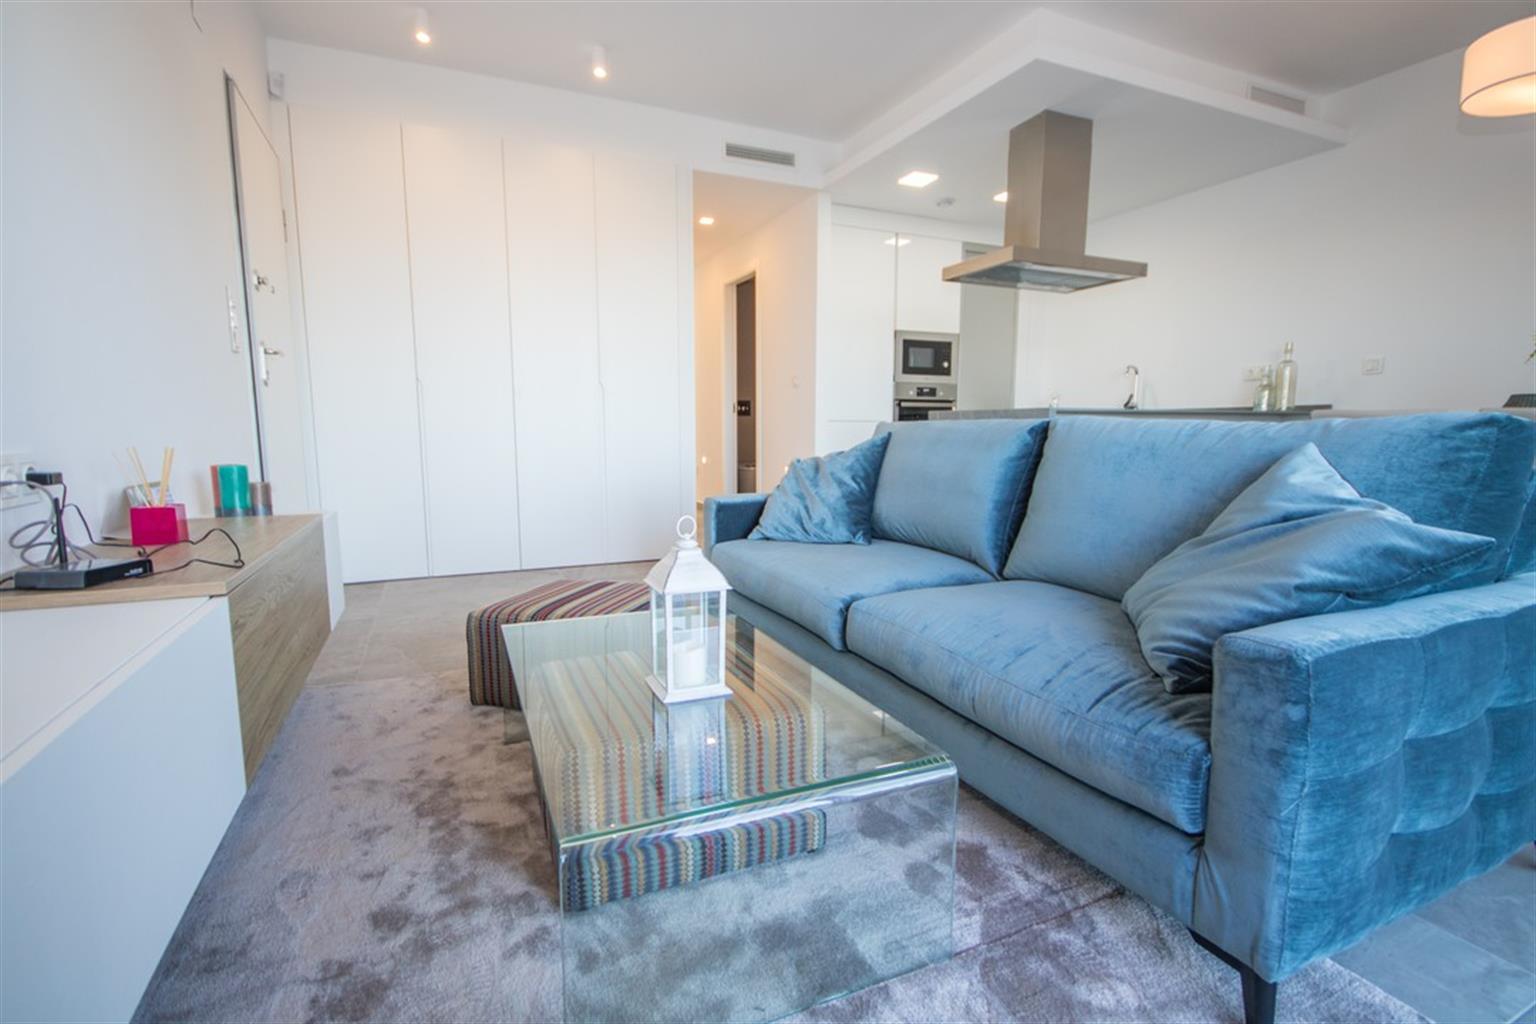 Appartement - Los Balcones  - #4231453-1